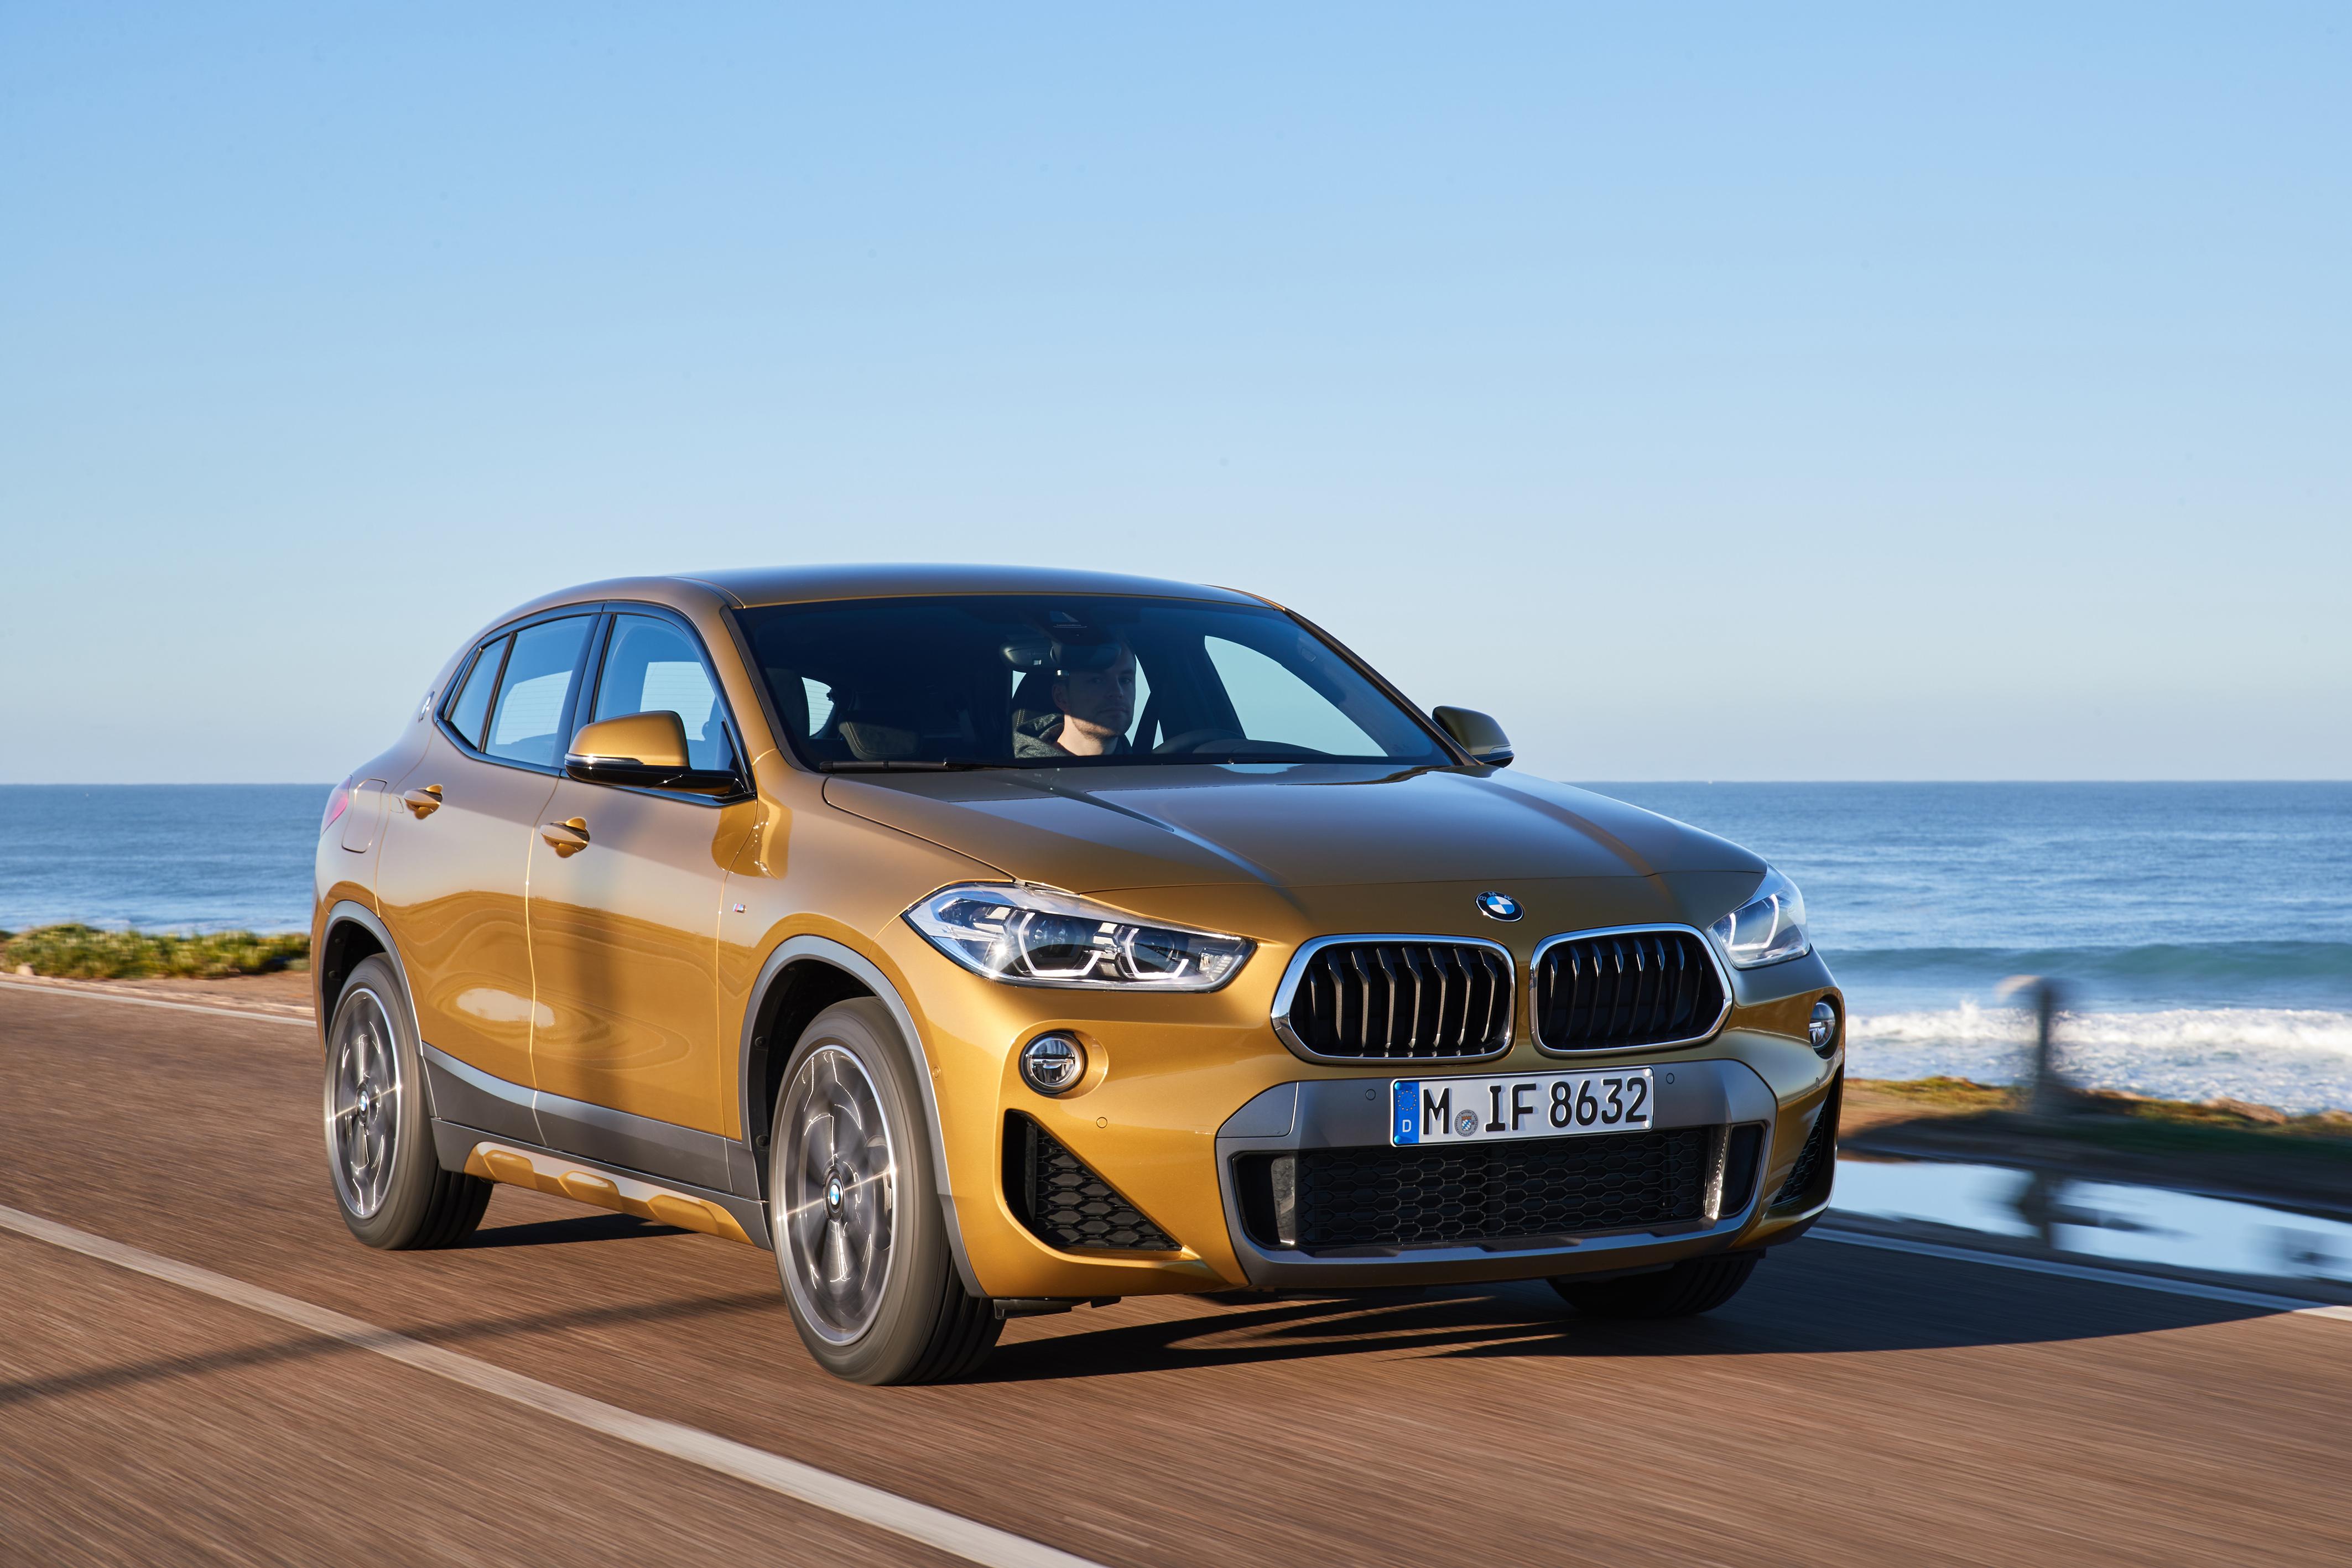 Vanzarile BMW Group cresc cu 2,8% in martie